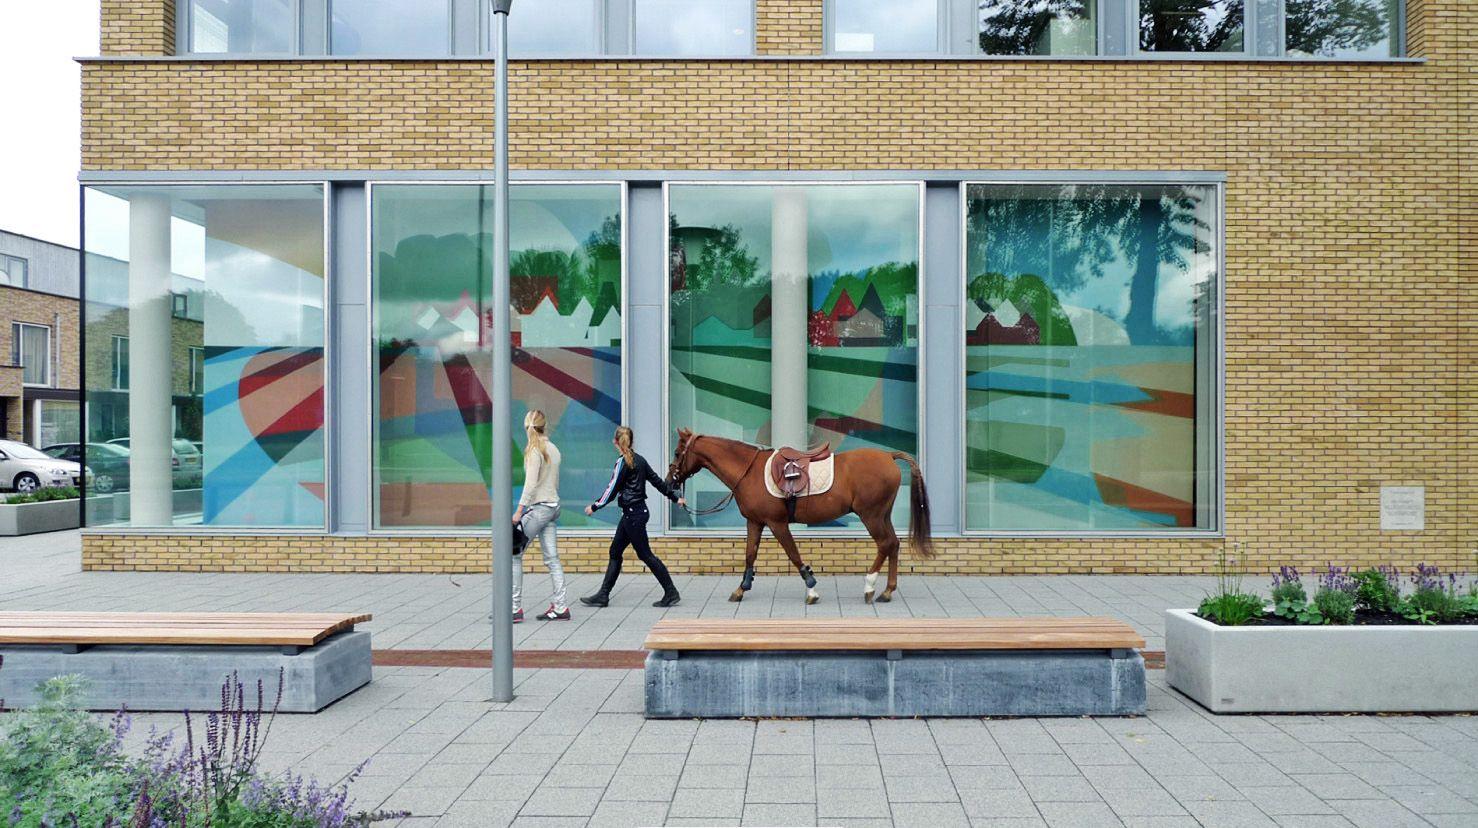 Printtapijt levert prachtige paneelgordijnen die zelfs tweezijdig bedrukt zijn! Het resultaat is te bekijken bij Deelgemeente Hillegersberg-Schiebroek in Rotterdam